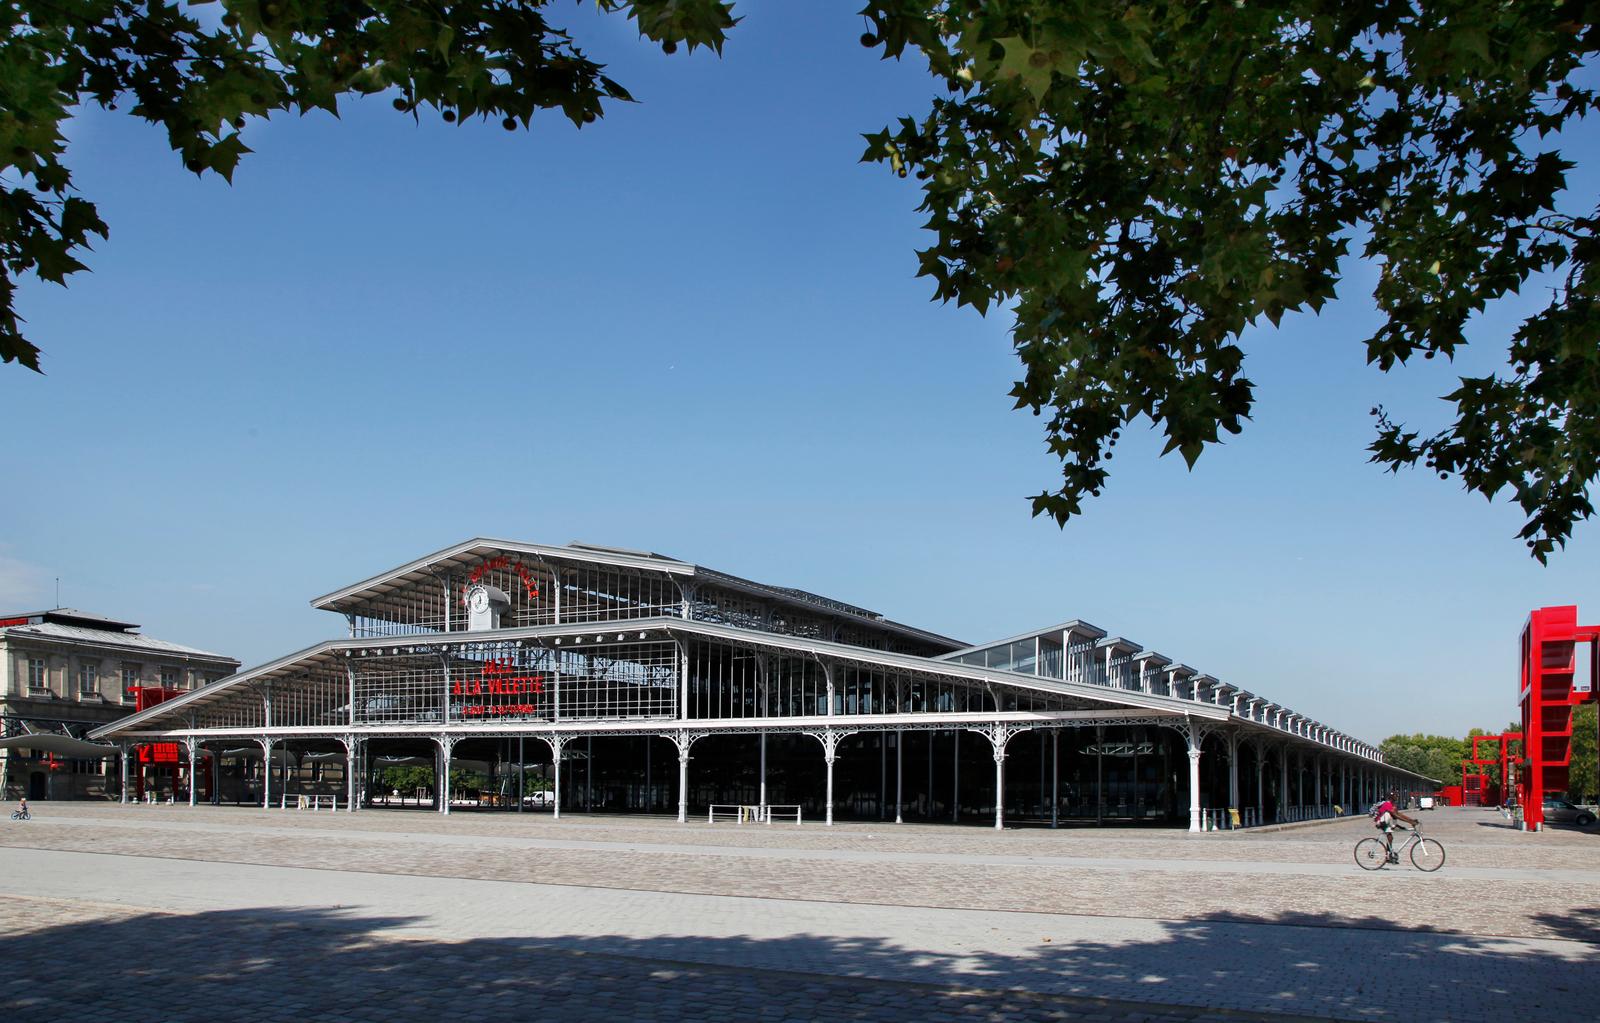 Parc de la Villette%252C la Grande Halle%252C Paris 2011 Jarry-Tripelon - CRT Paris Ile-de-France